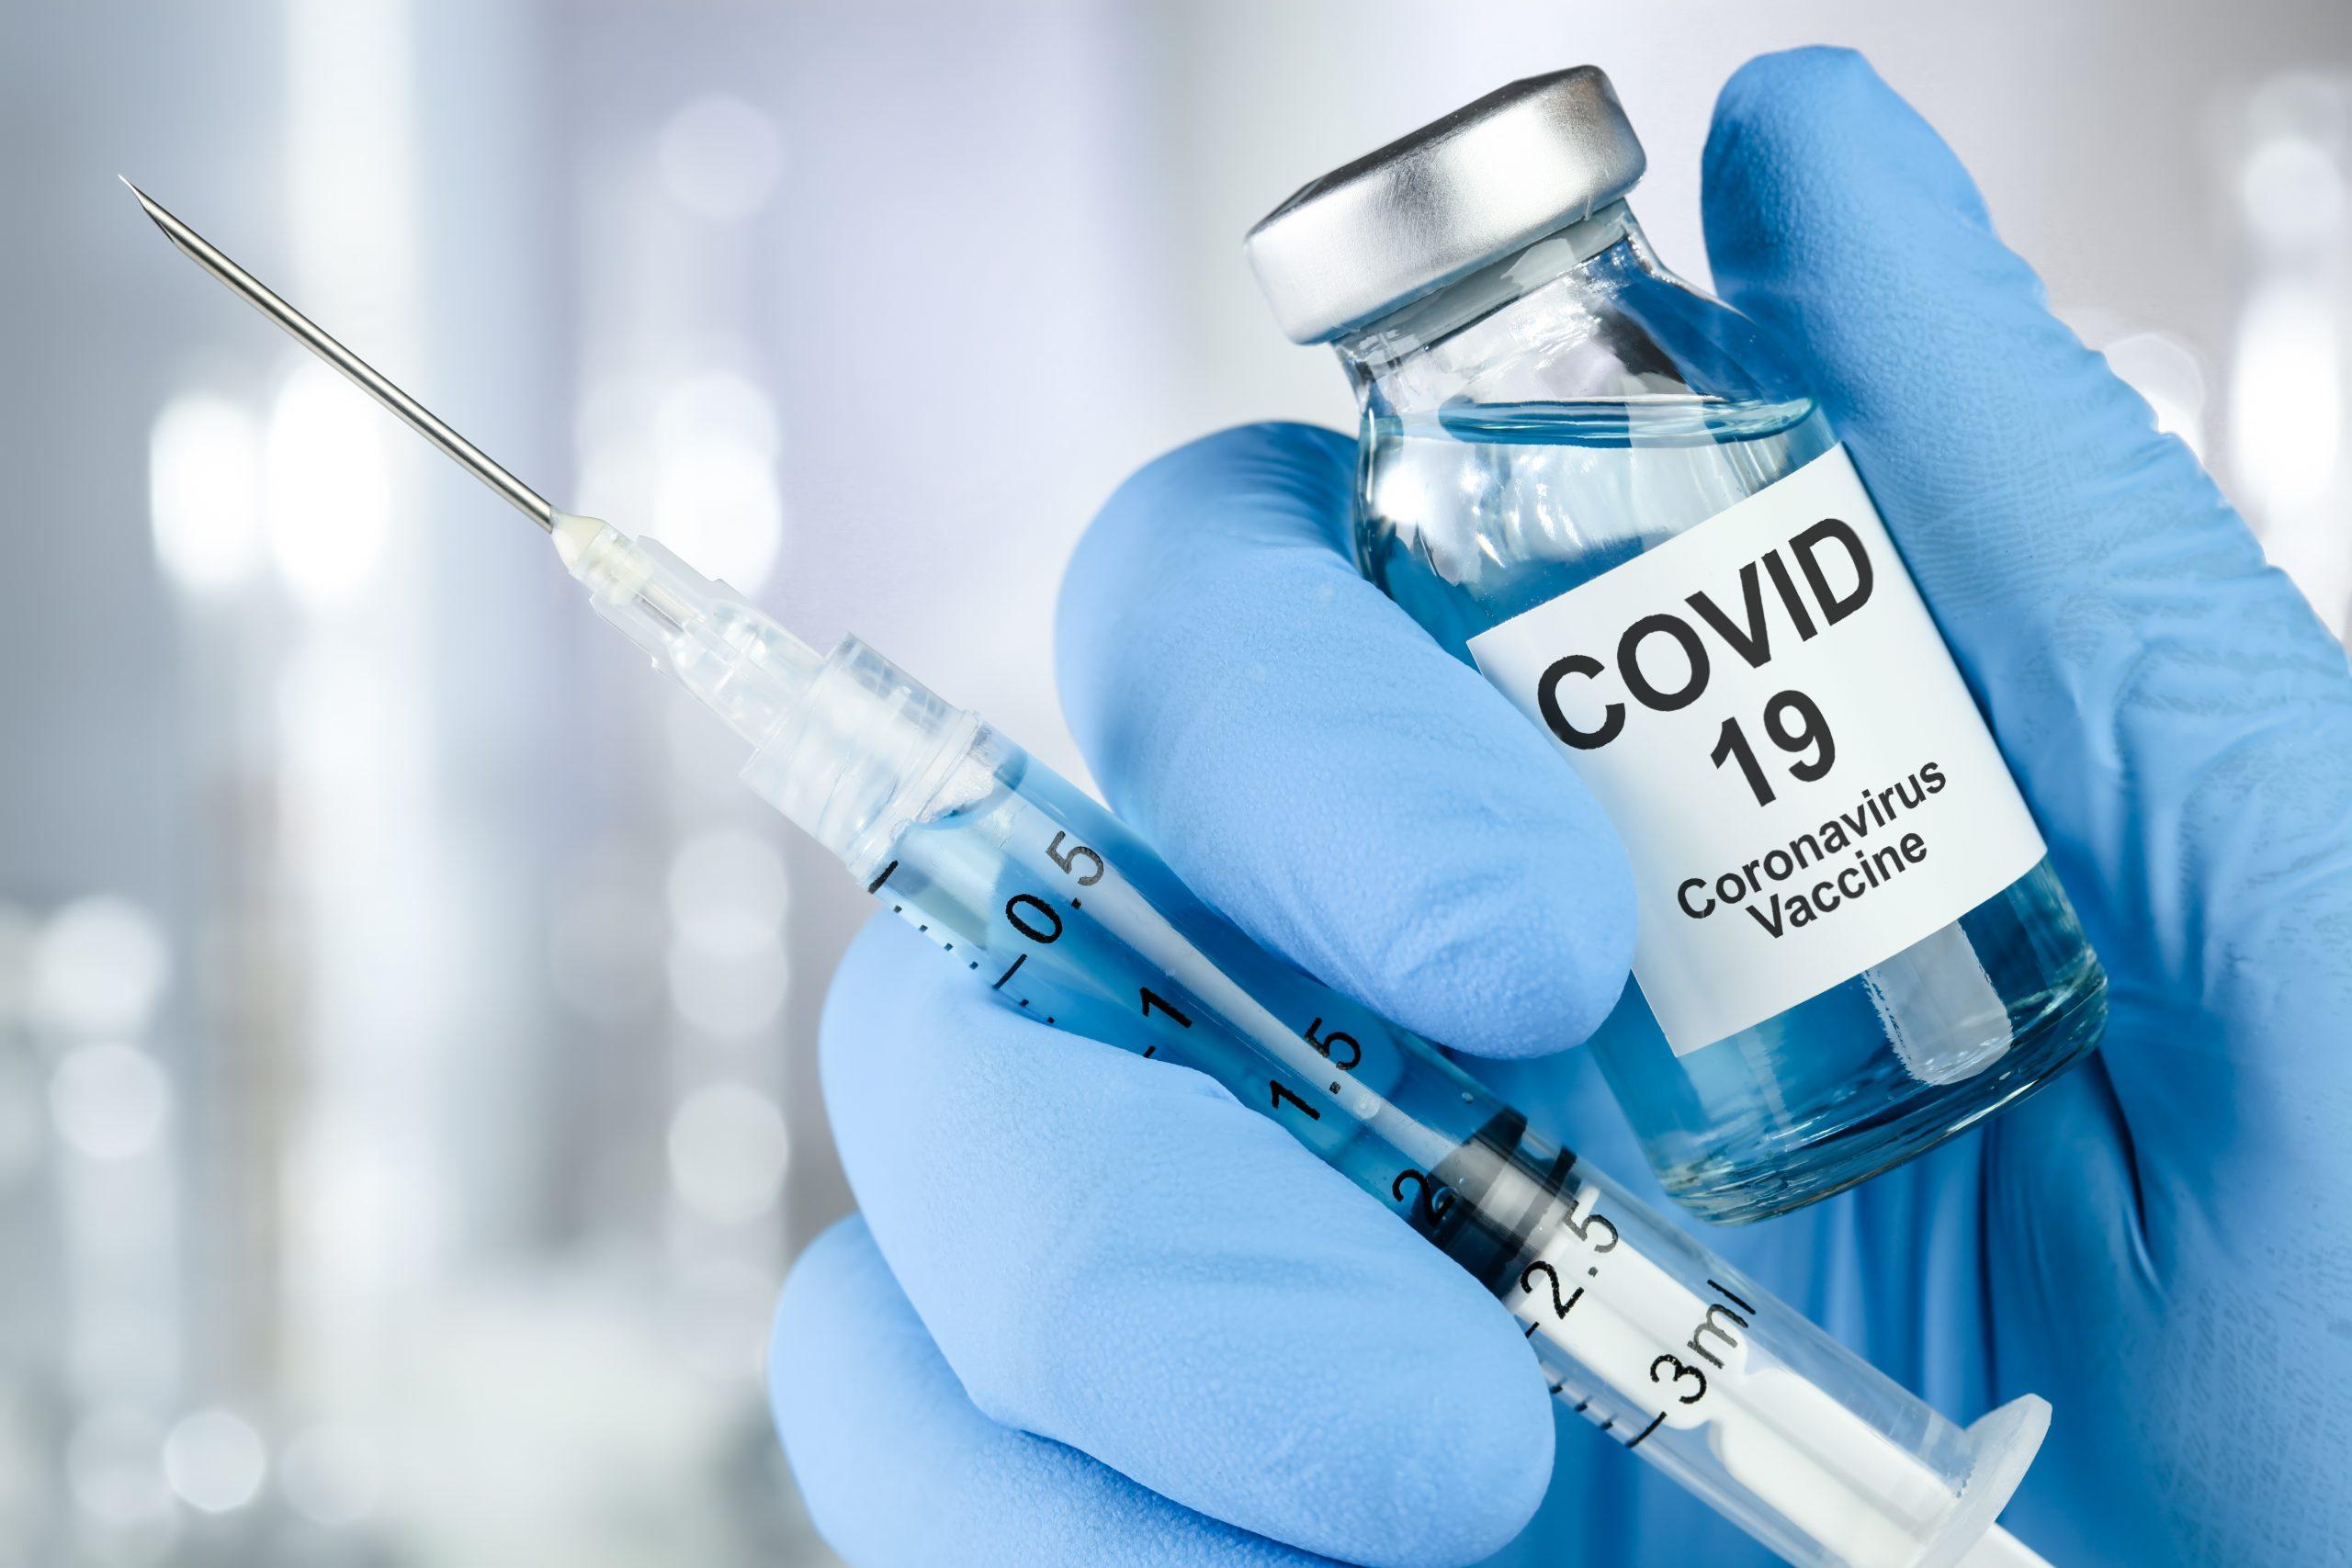 Çin, covid-19 aşısı için tarih verdi